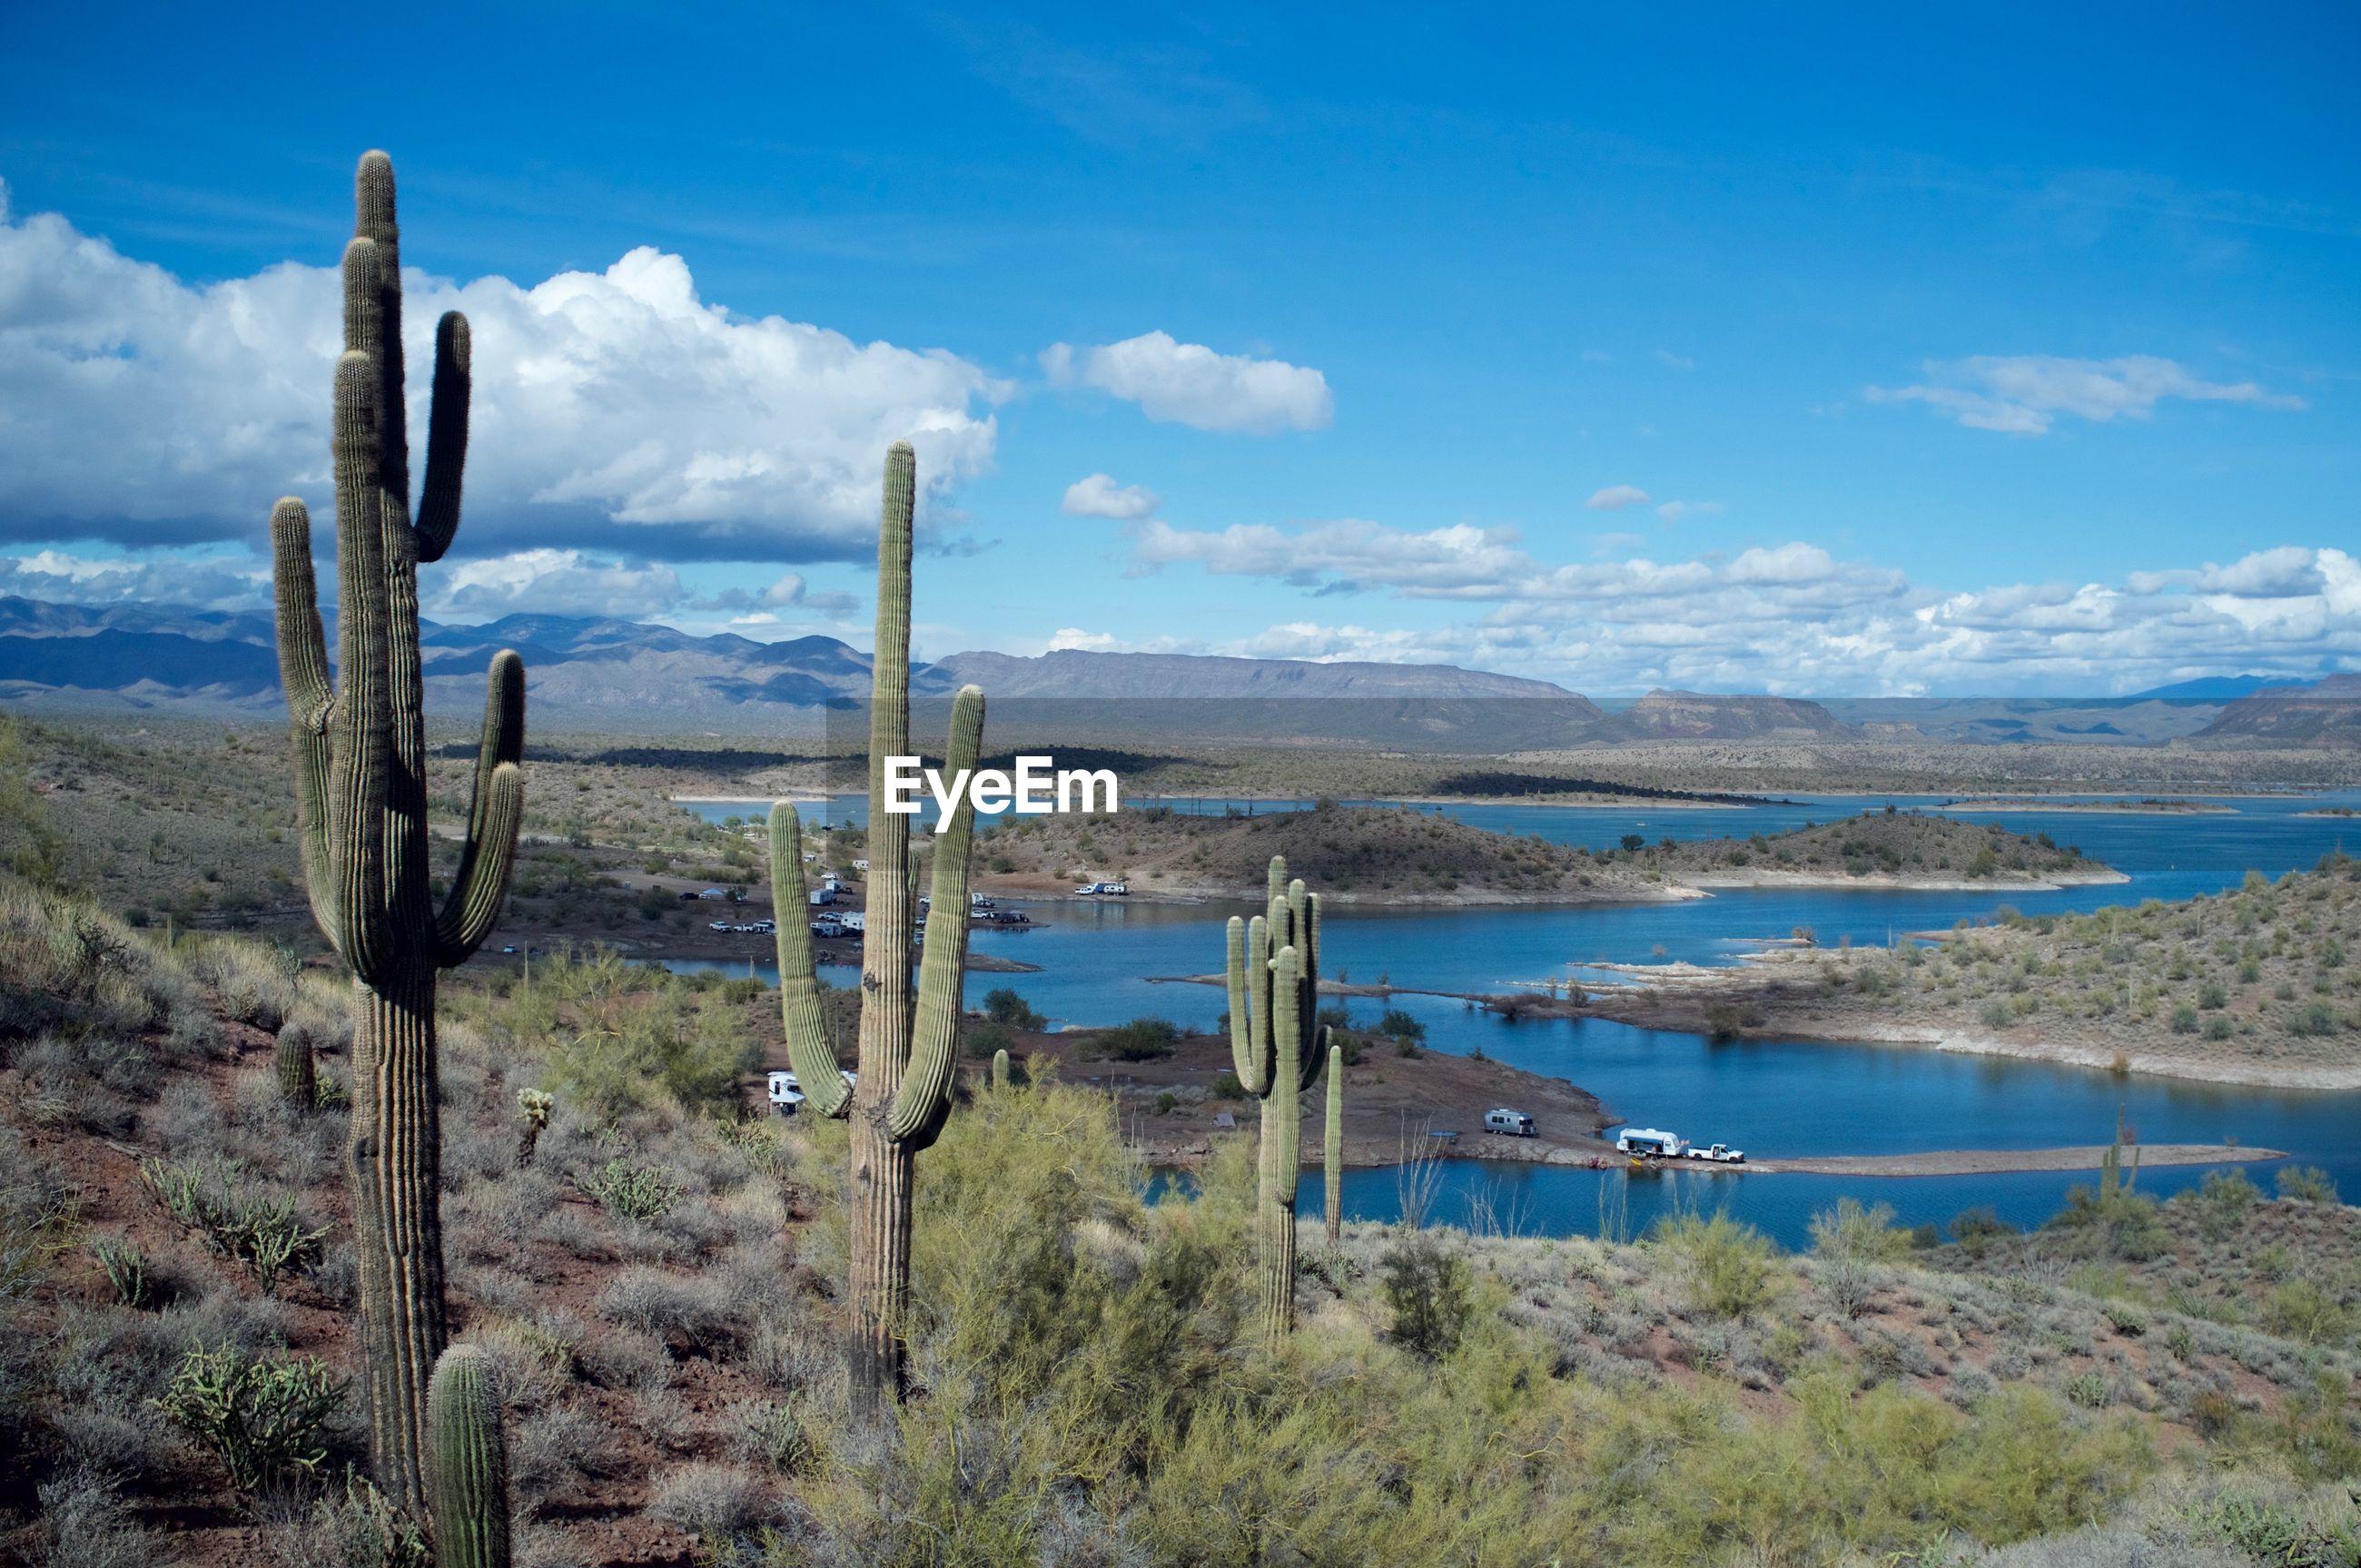 Saguaro cactuses on field against blue sky